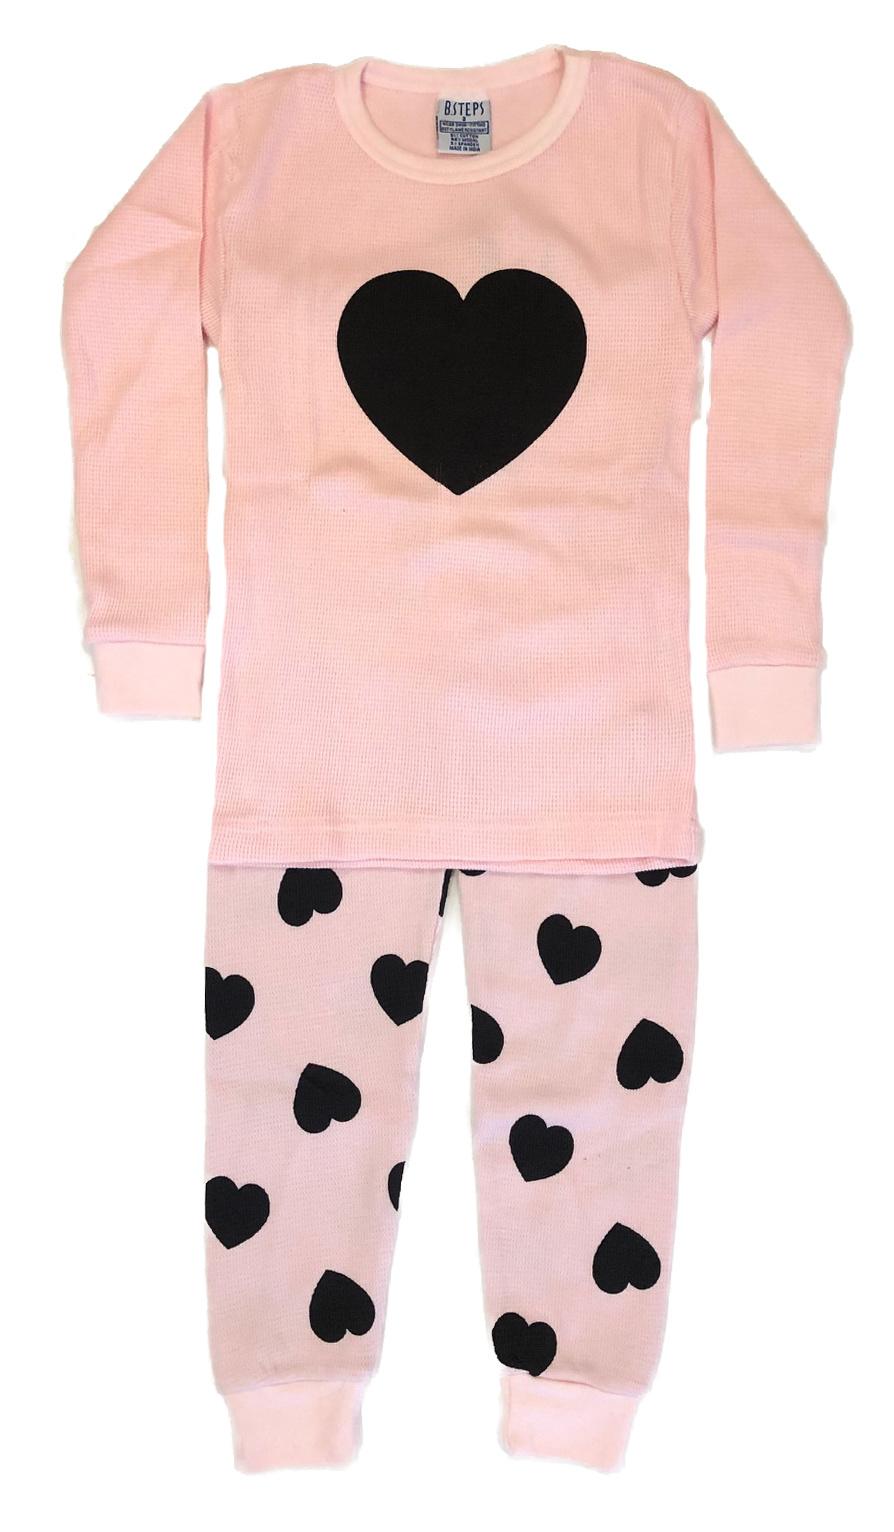 Baby Steps Pink Heart Thermal Infant PJ Set